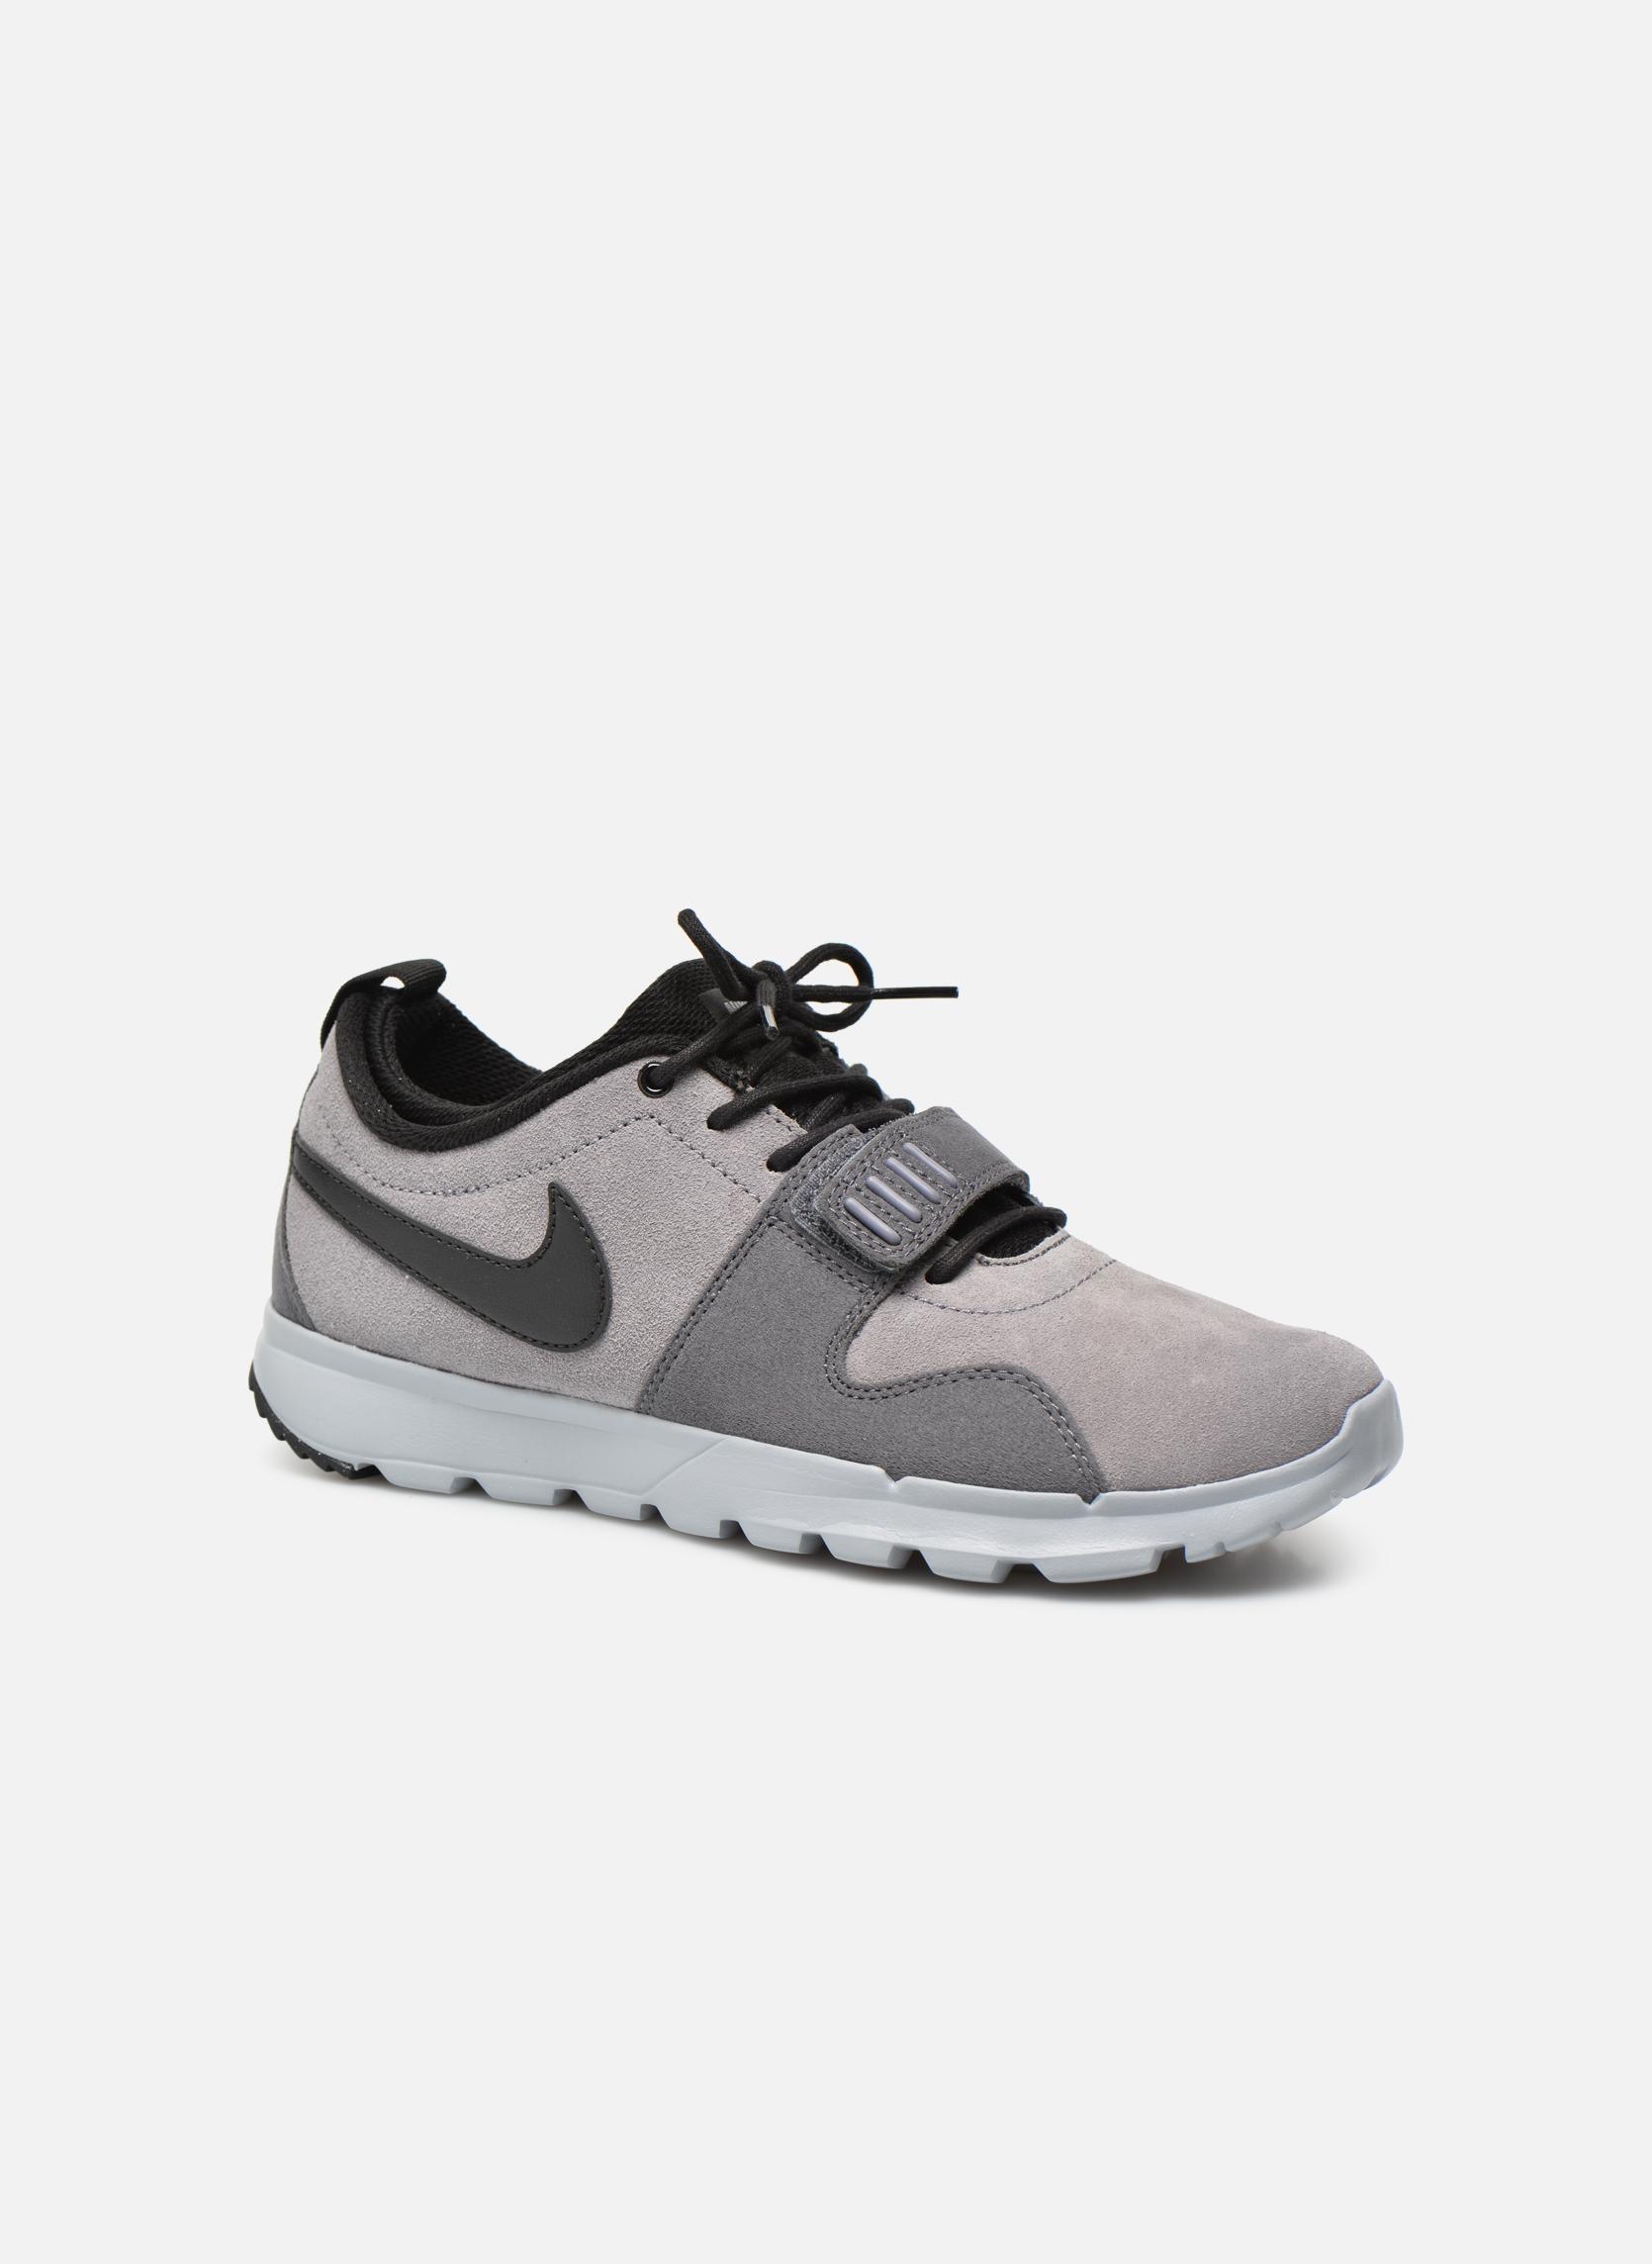 Chaussures de sport Nike Trainerendor L Gris vue détail/paire